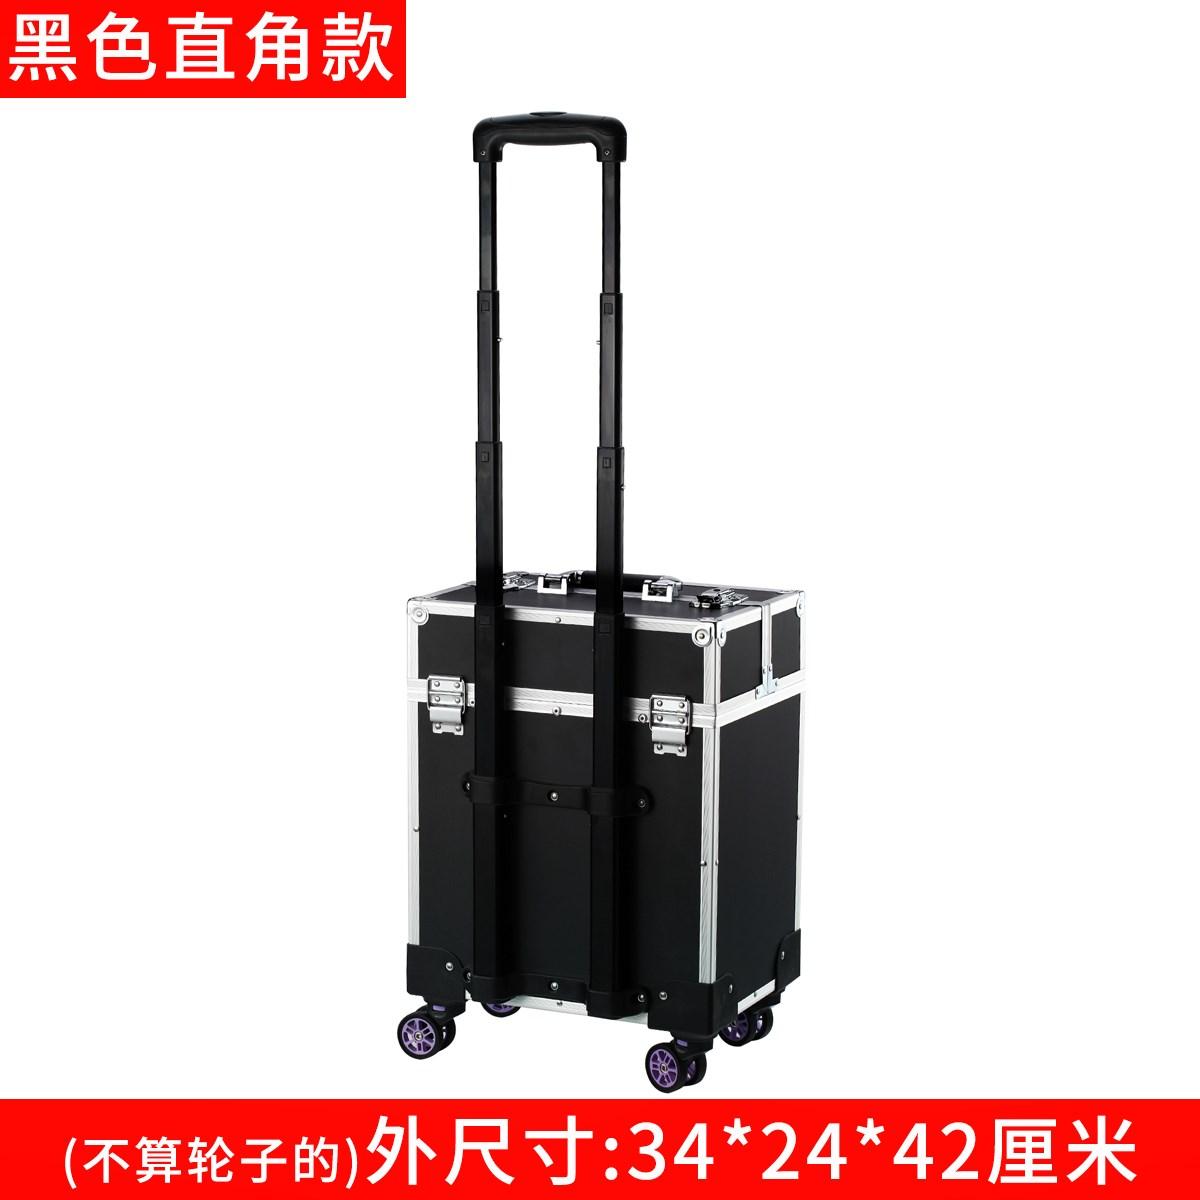 带轮拉杆工具箱多功能家具安装维修箱五金手拉式大号行李箱移动车